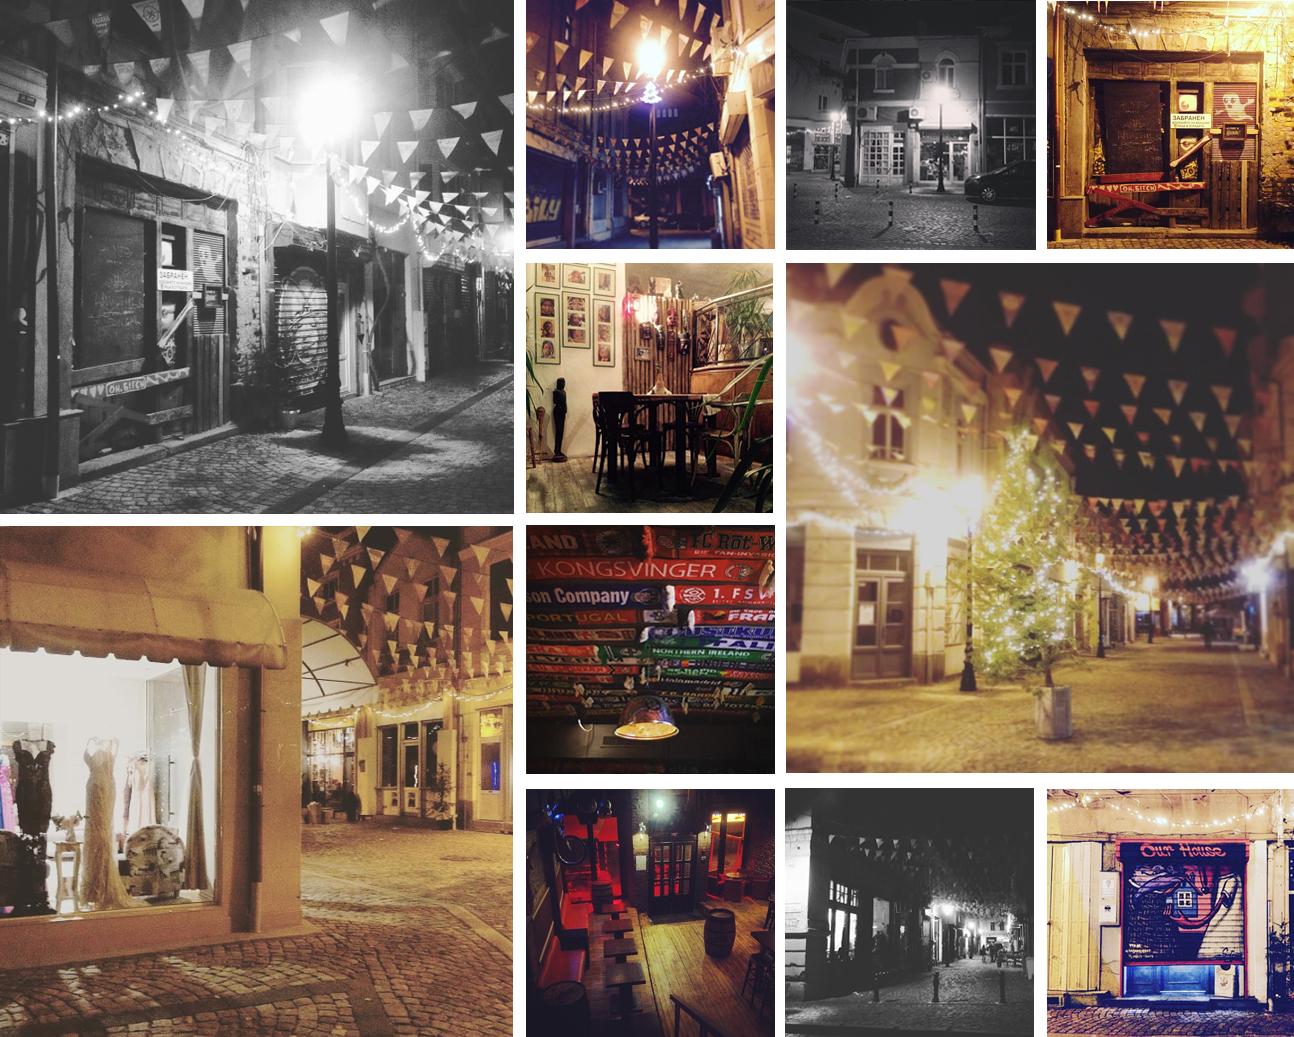 Kapana Plovdiv instagrams